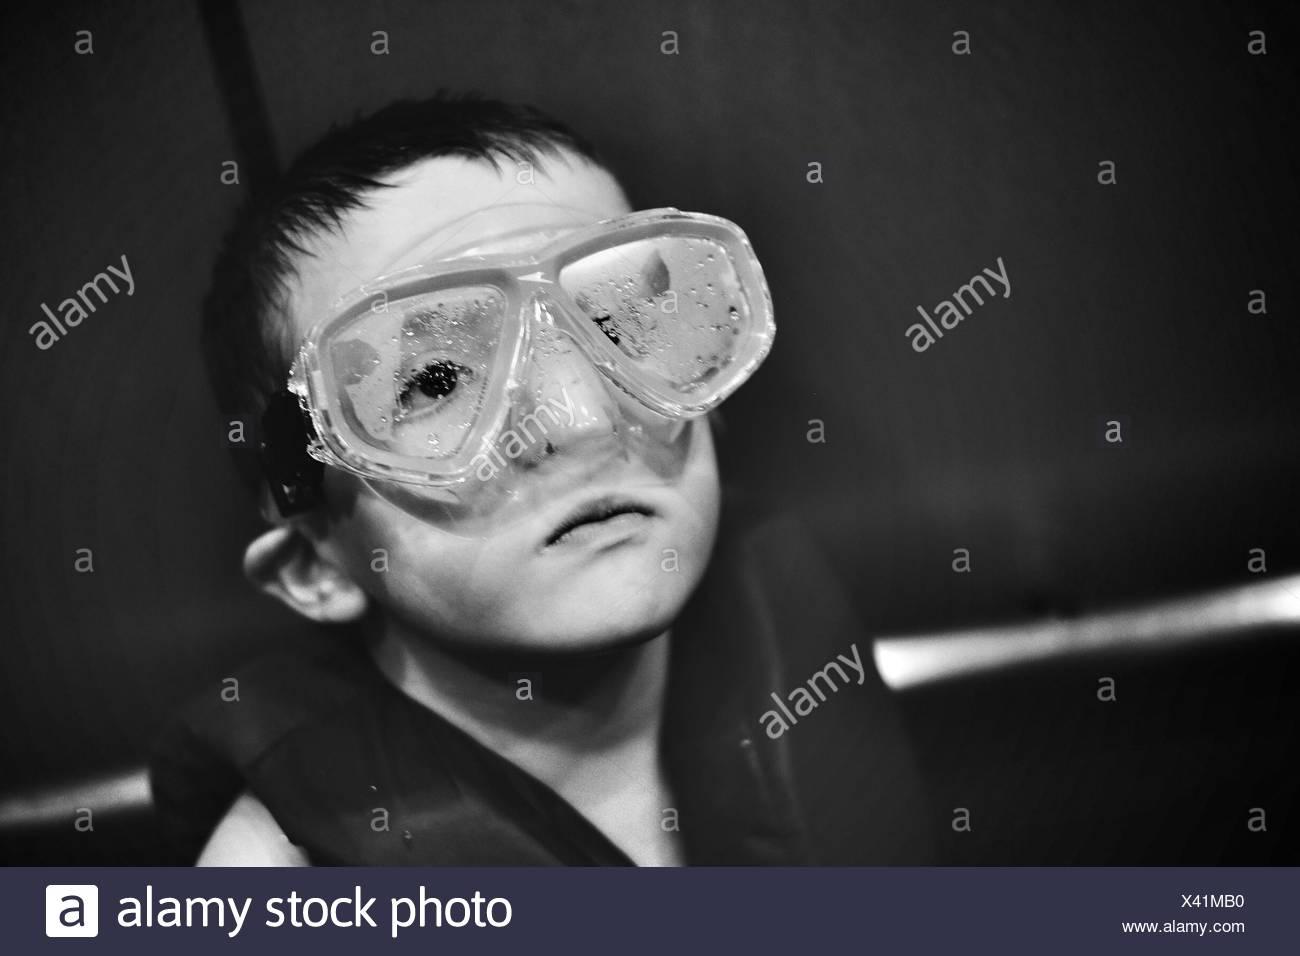 Portrait Of Boy avec lunettes de natation Photo Stock